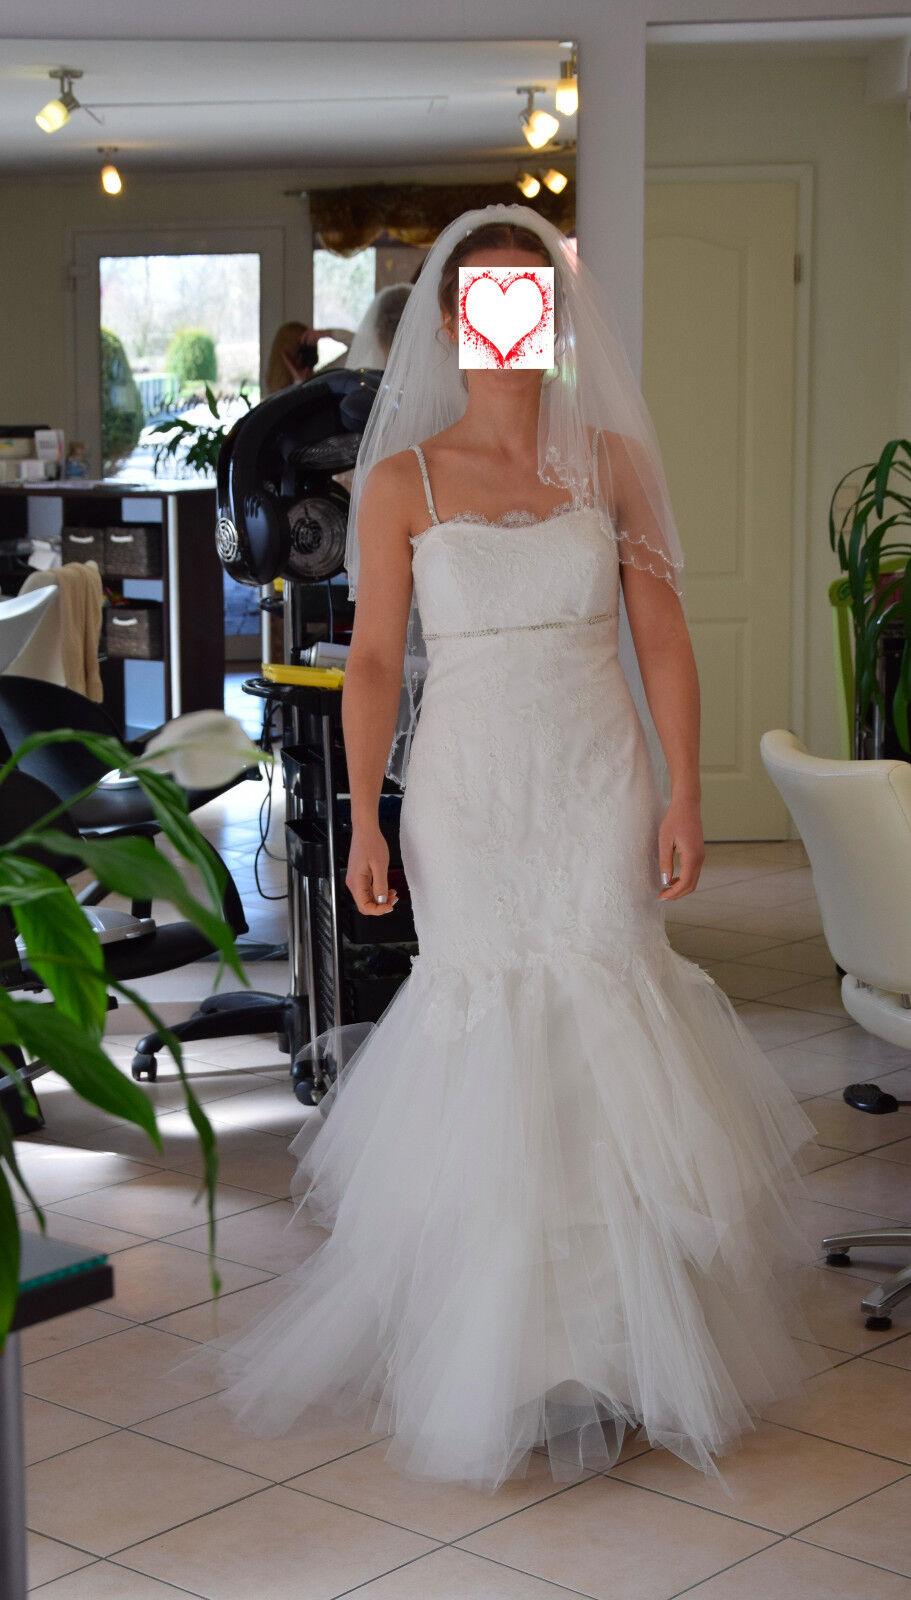 Hochzeitskleid Linea raffaelli Größe Größe Größe B  40  | Elegantes Aussehen  | Neueste Technologie  | Verschiedene Stile und Stile  c4da20